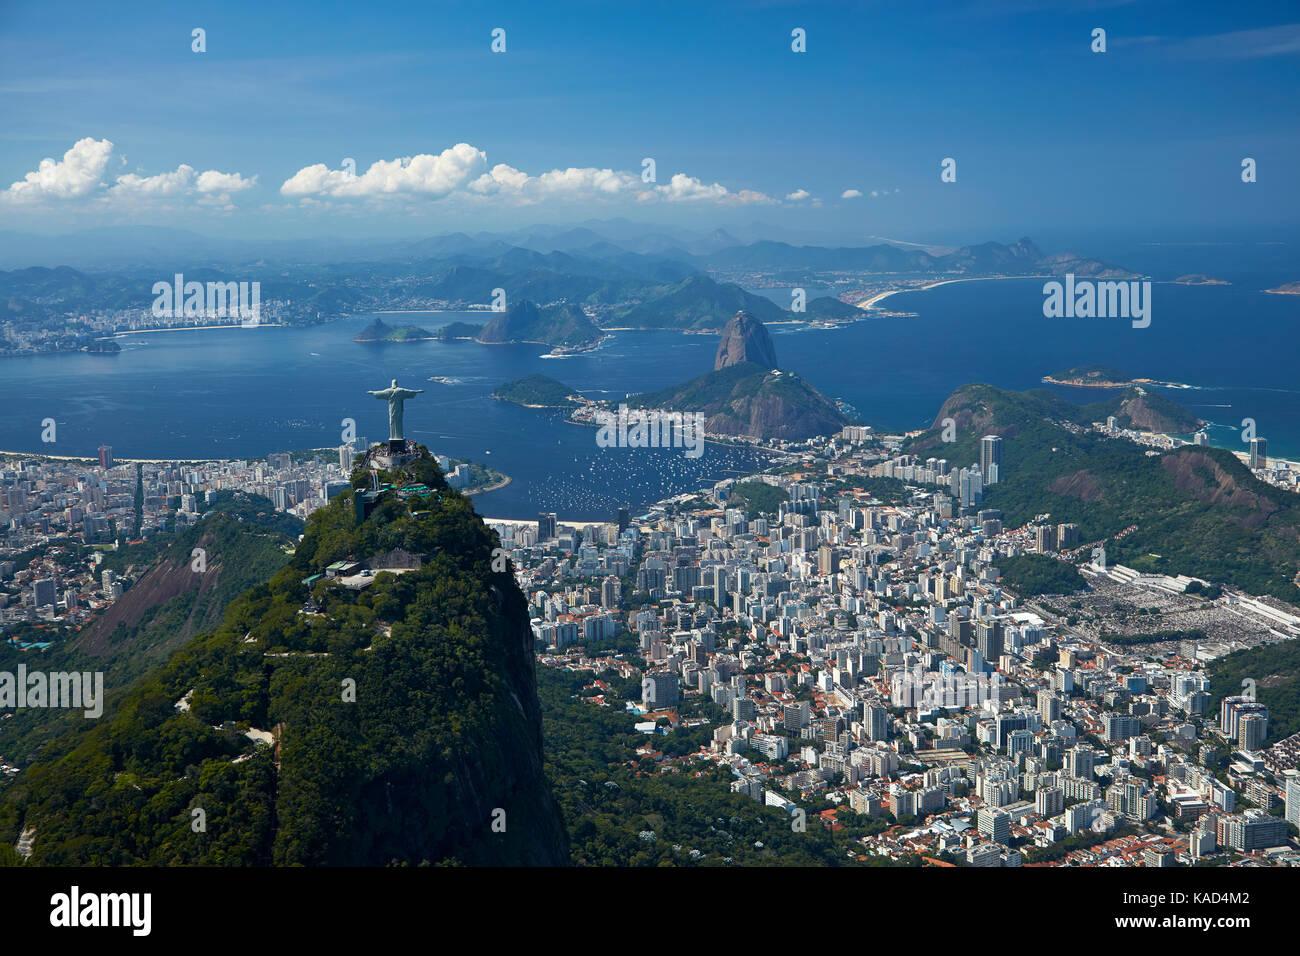 Dem Erlöser Christus Statue Auf Dem Corcovado Und Zuckerhut Rio De